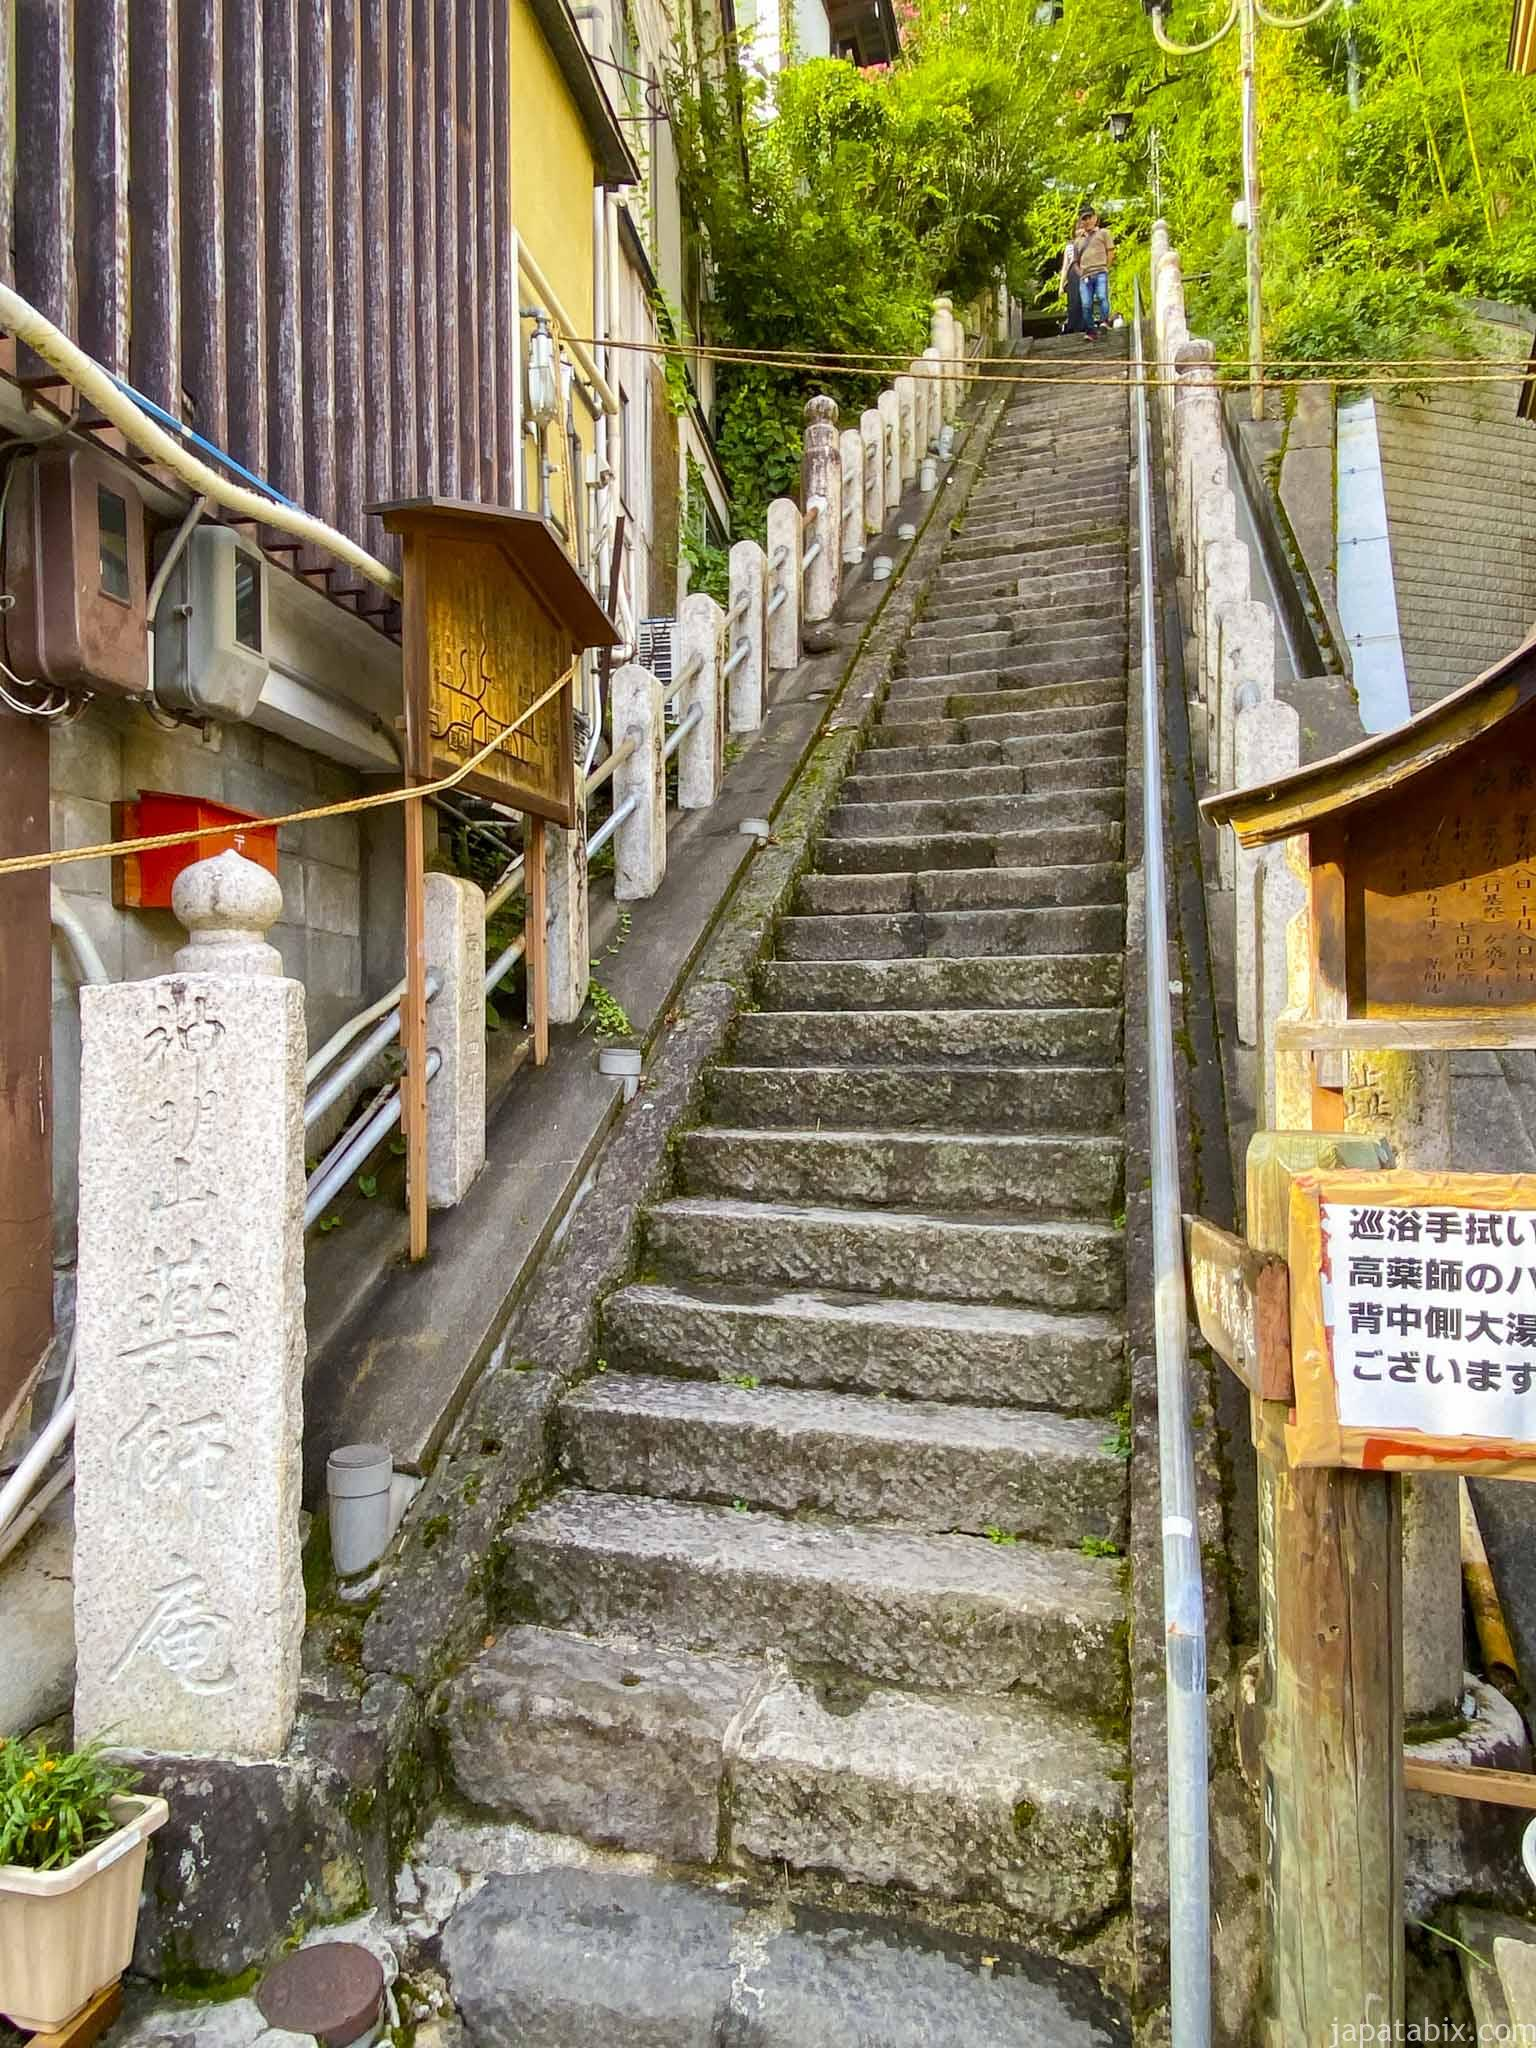 渋温泉 渋高薬師への急な石段